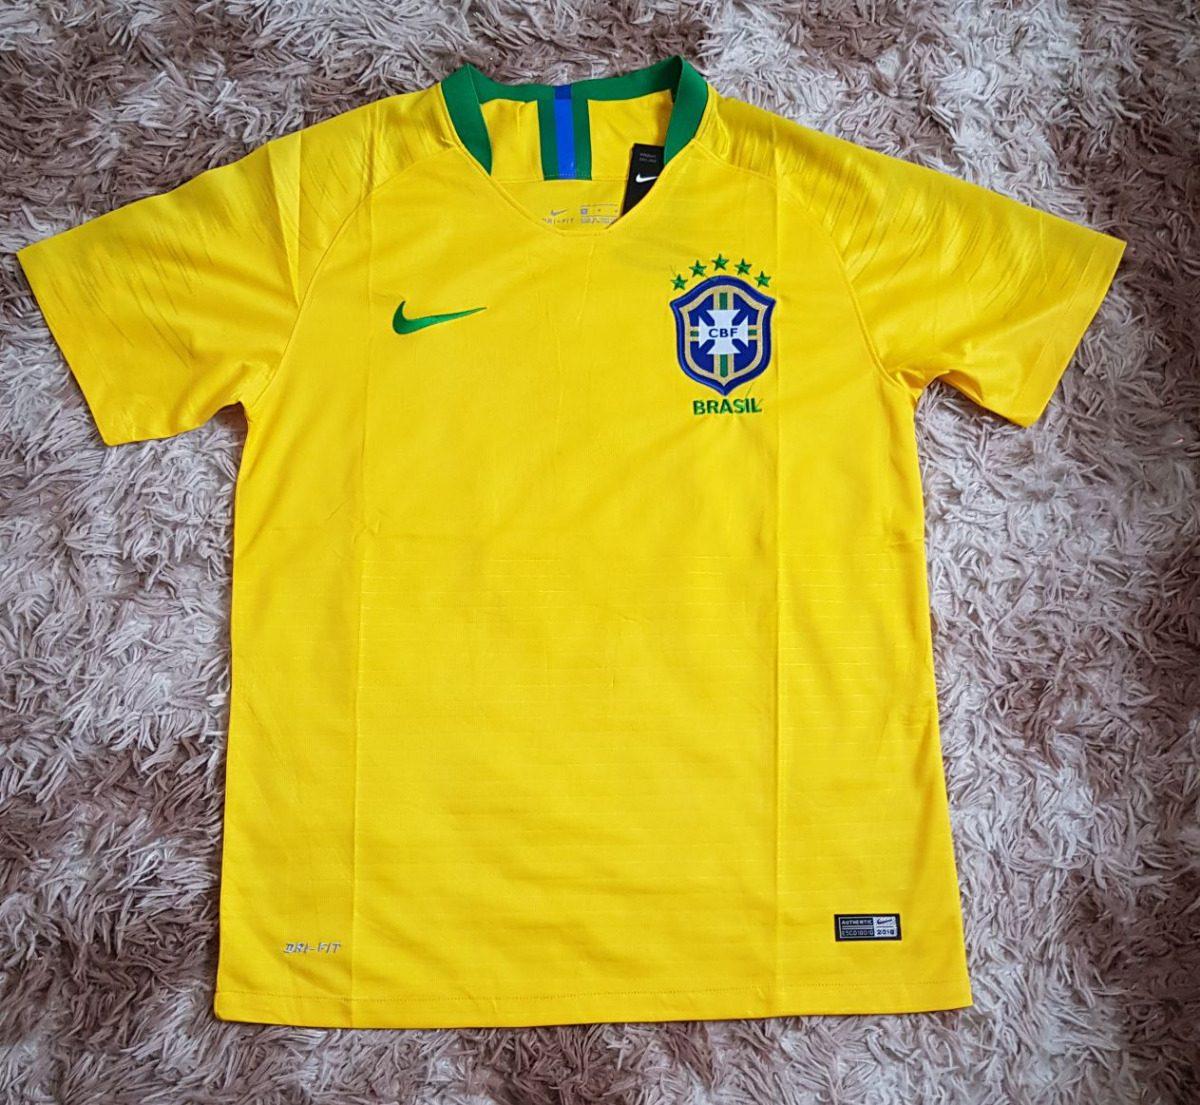 347b2d8340 novo uniforme seleção brasileira 2018 modelo torcedor. Carregando zoom.